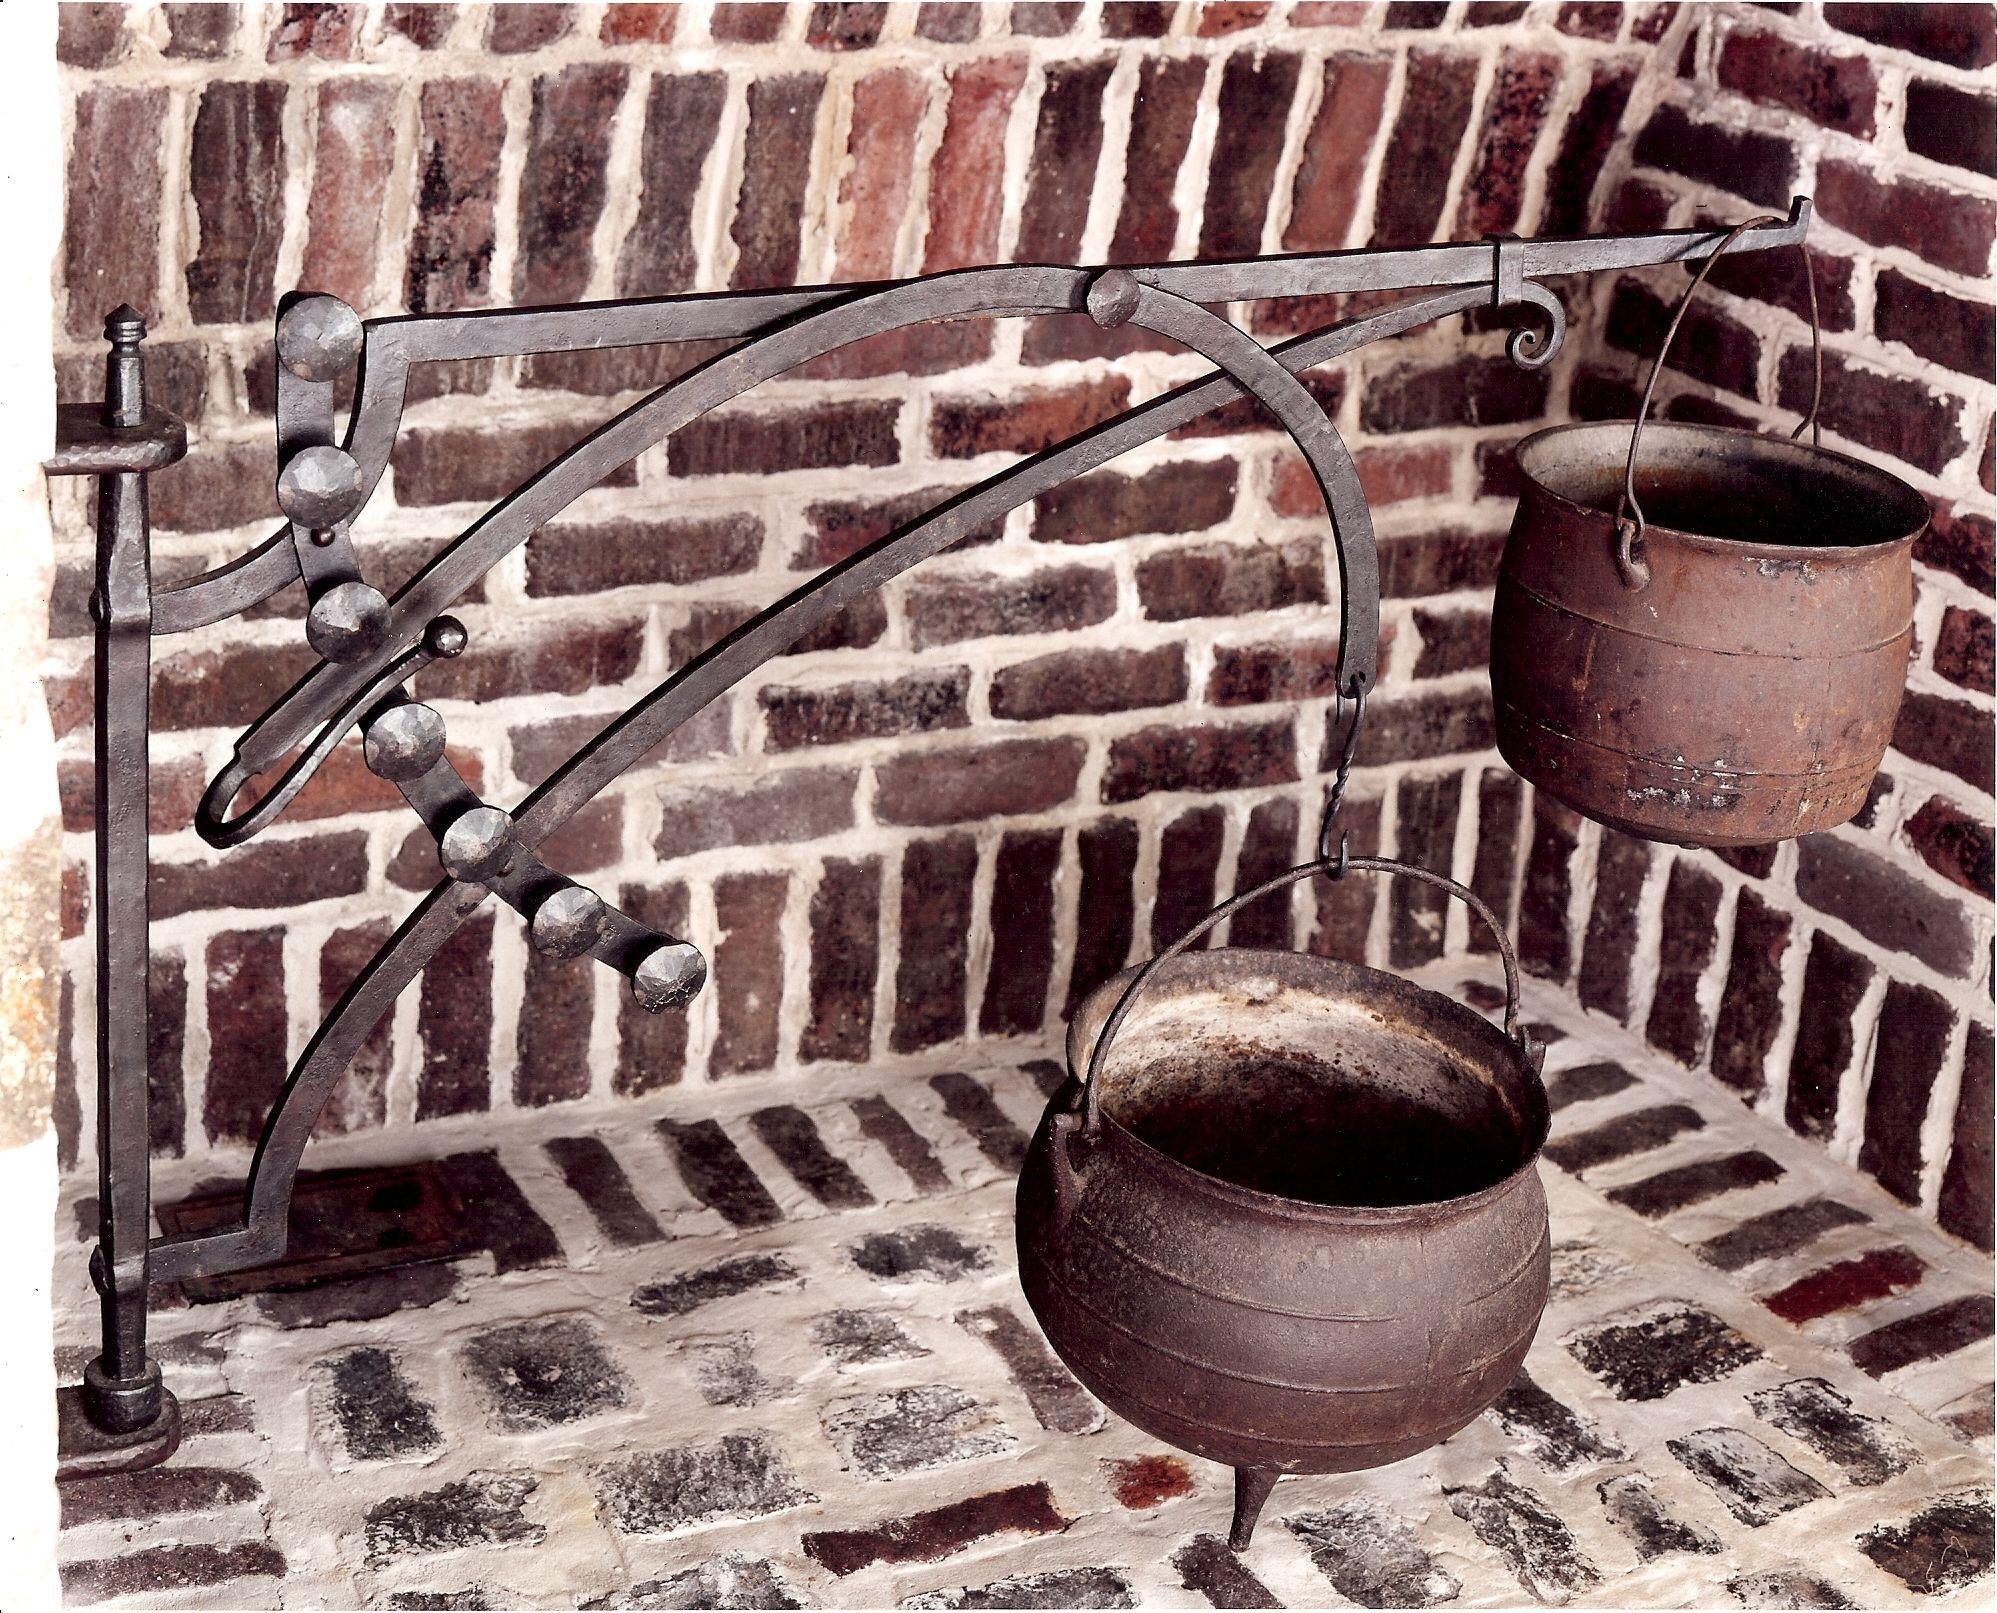 Fireplace Crane Early Cooking Utensils Blacksmithing Blacksmith Forge Metal Working